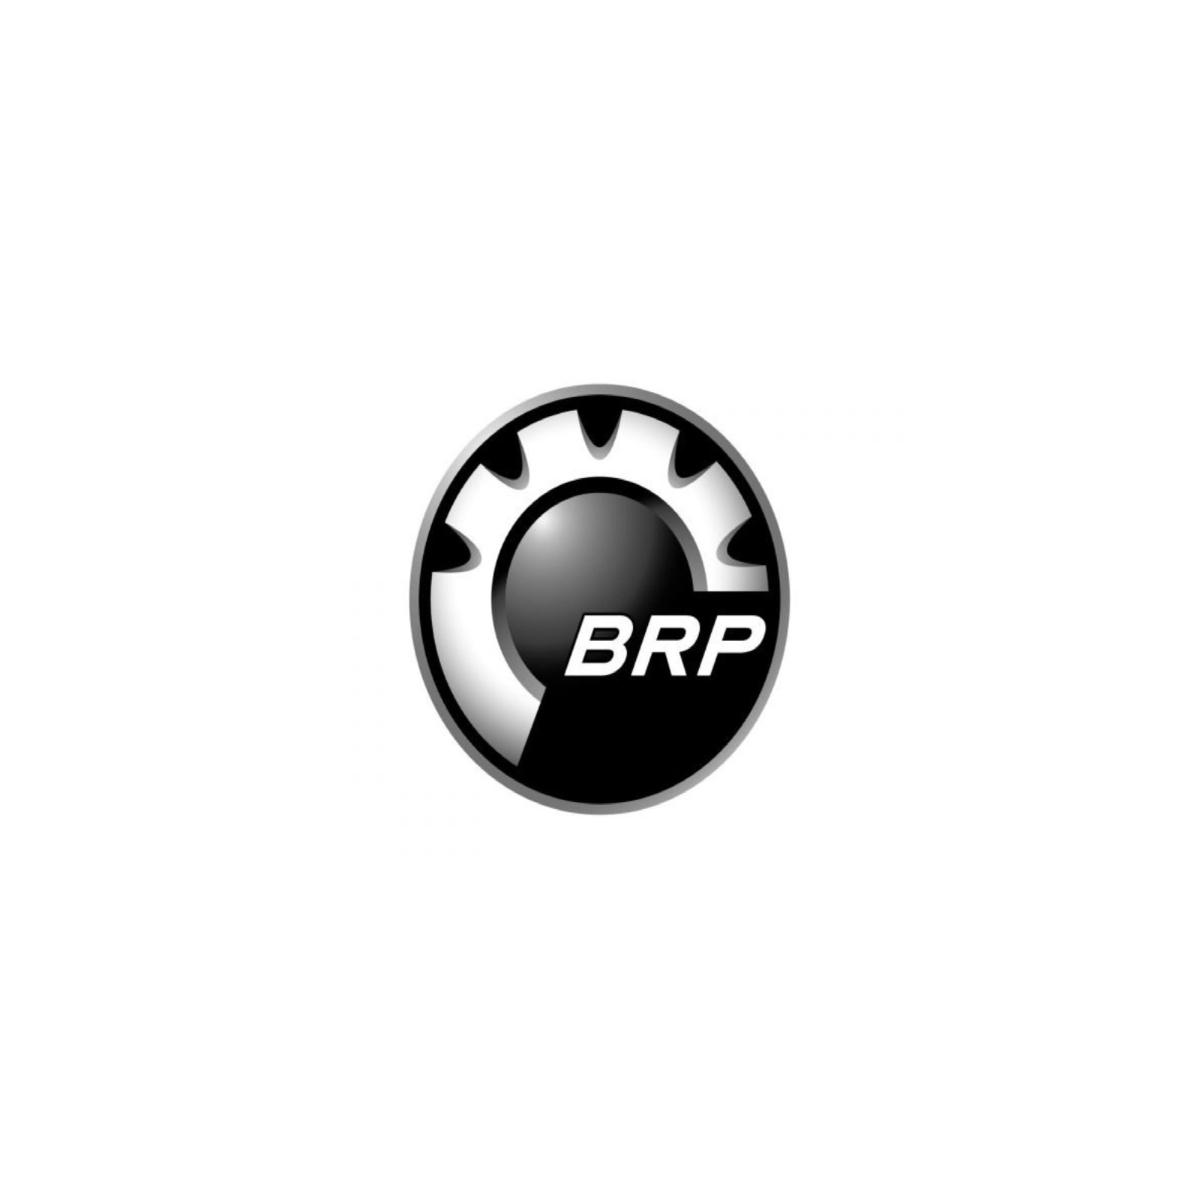 Adesivo Logo BRP para Jet Ski 48mm  - Radical Peças - Peças para Jet Ski